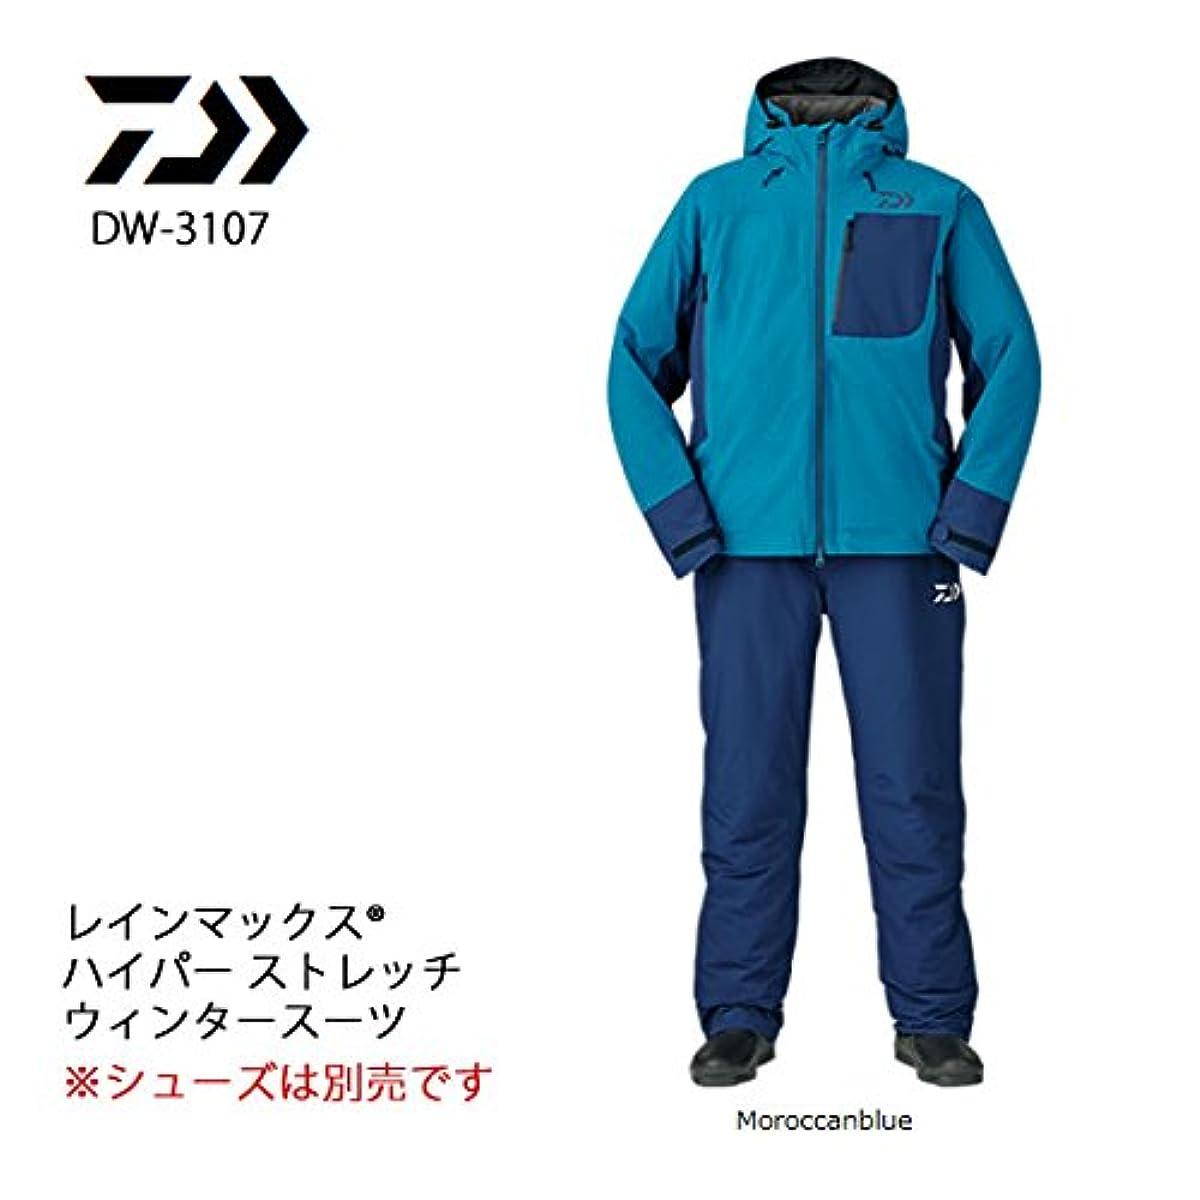 [해외] 다이와 레인 웨어 하이퍼 윈터 슈트 레인 맥스 DW-3107